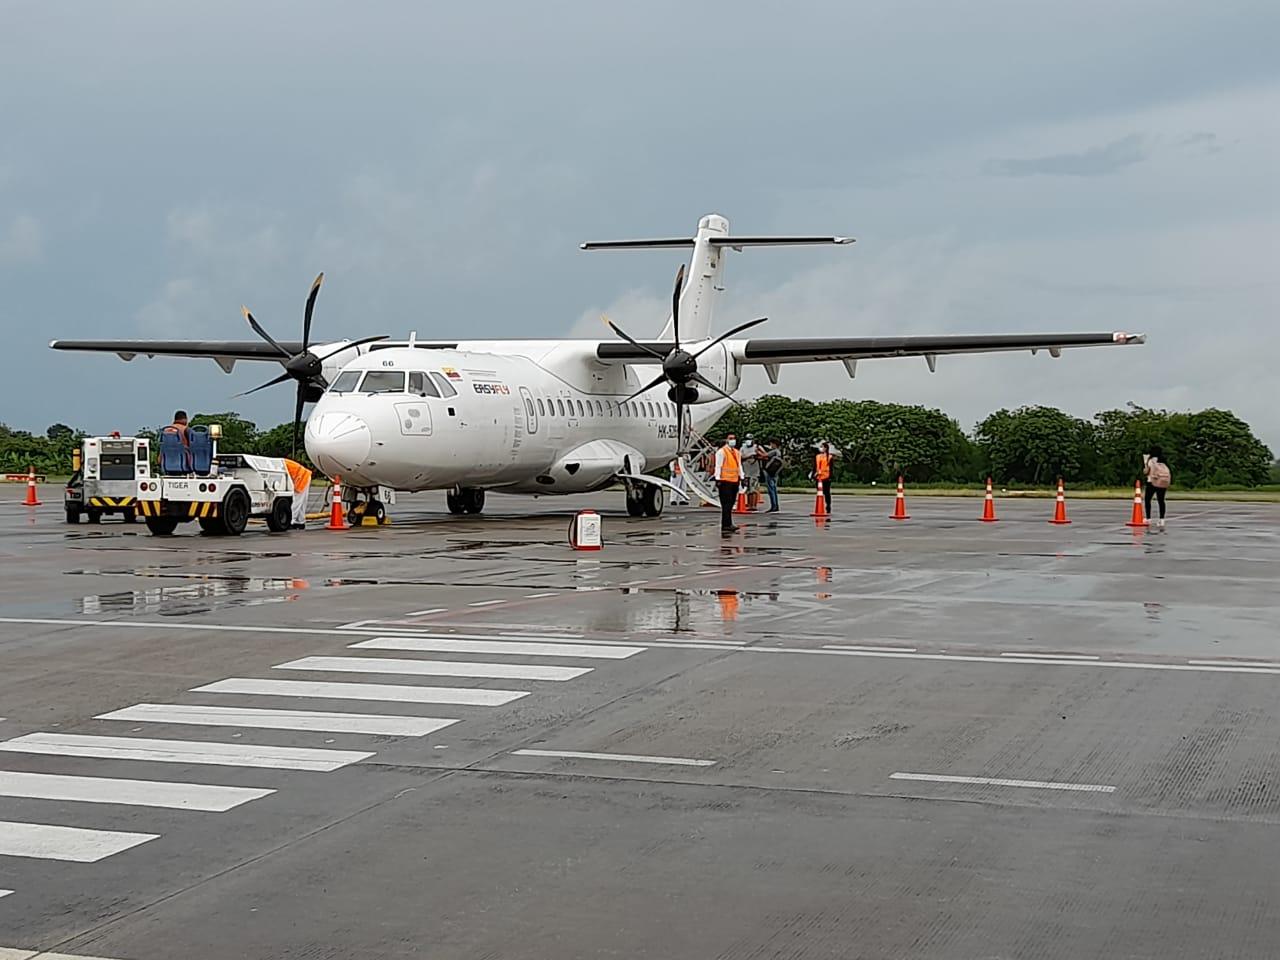 Easyfly IMG-20210503-WA0007